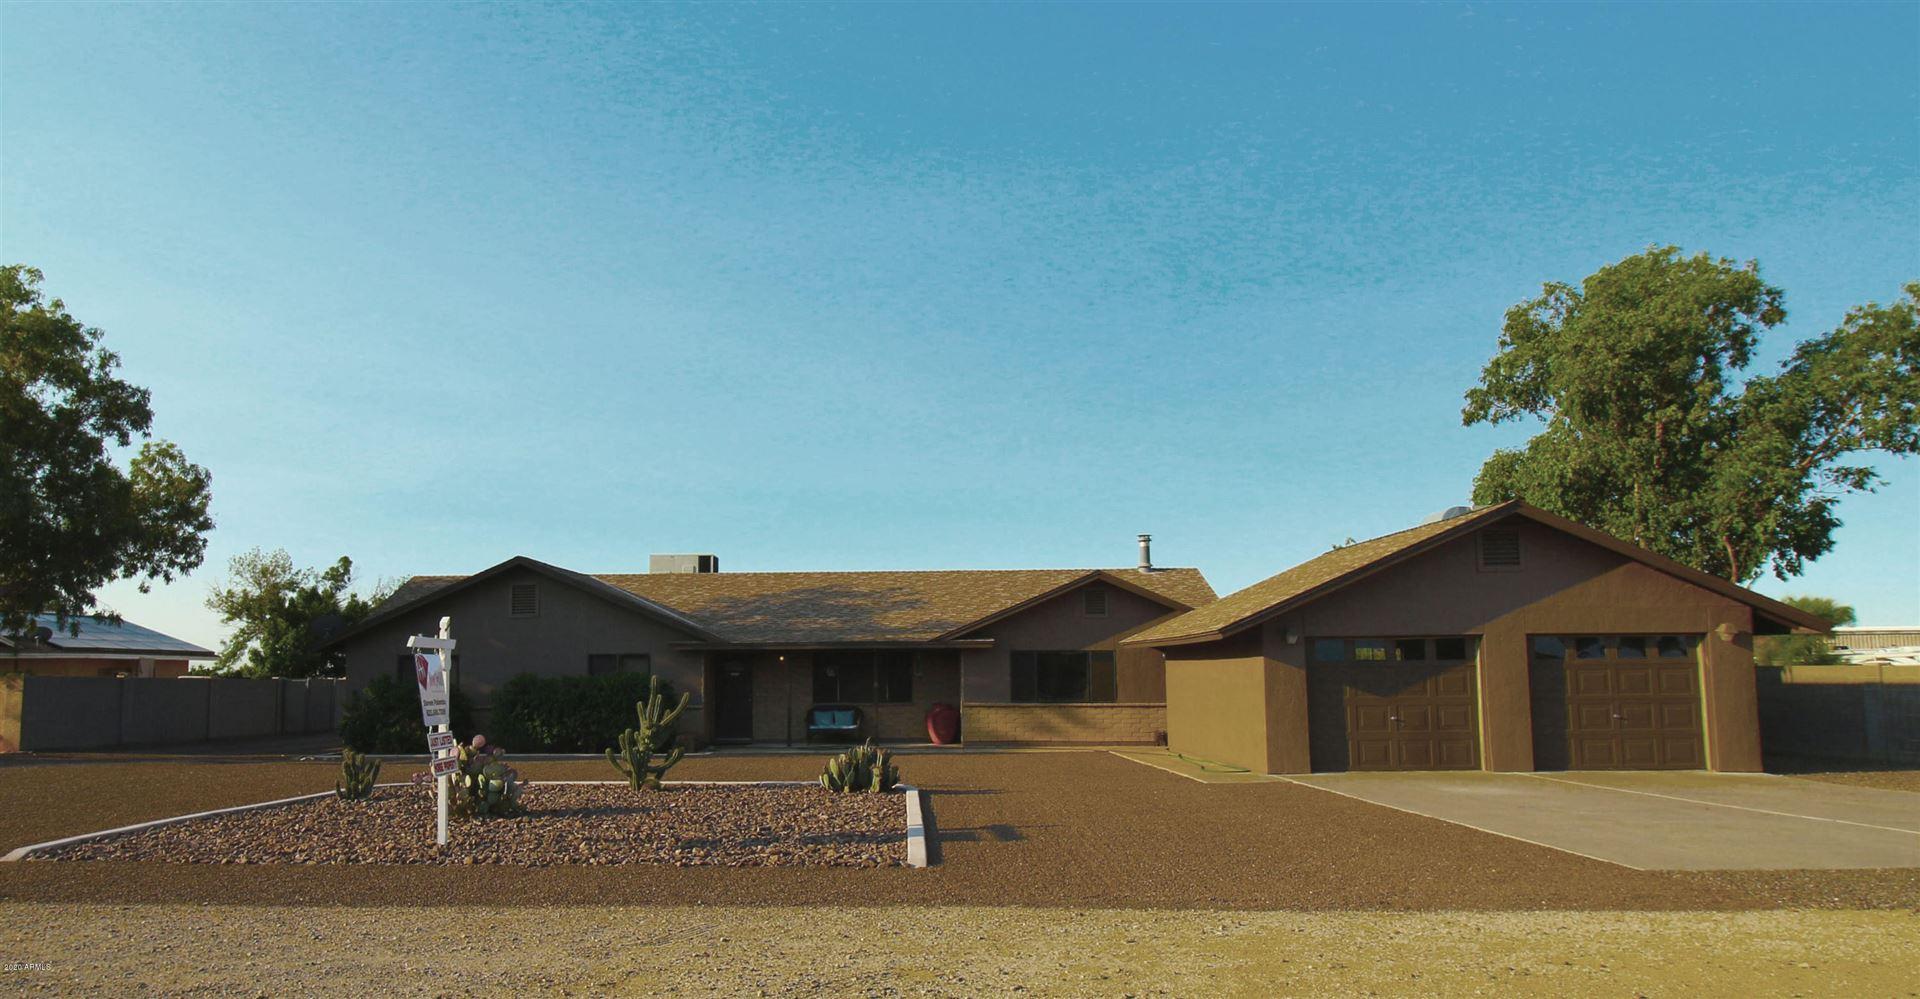 8715 W CALLE LEJOS --, Peoria, AZ 85383 - #: 6074003